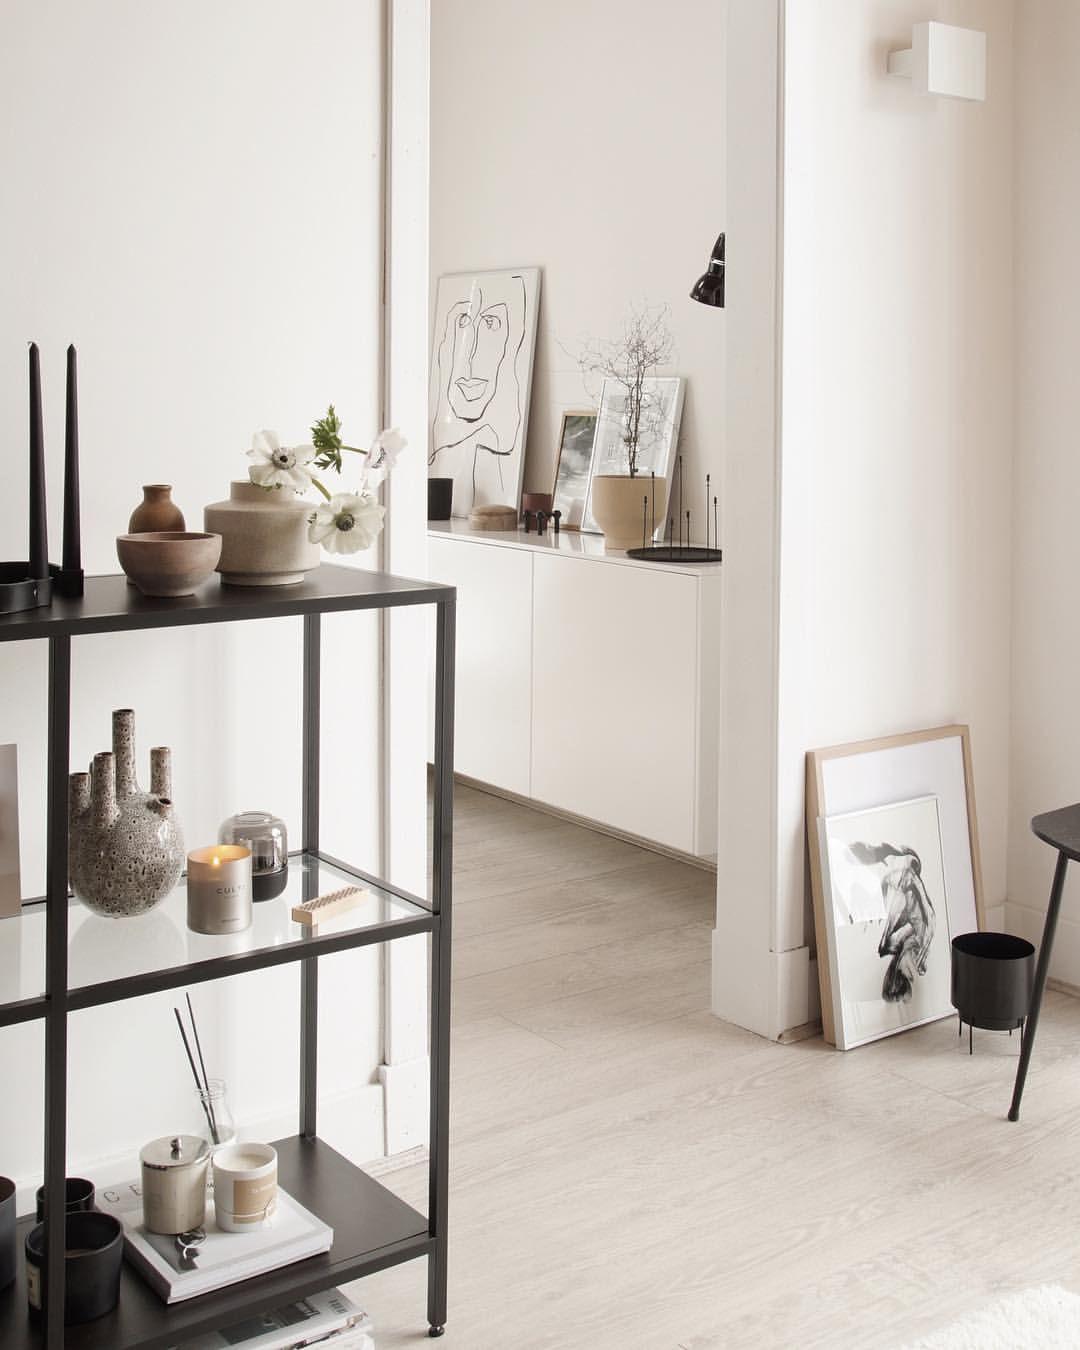 Ikea Vittsjo Shelf Hegeinfrance Einrichten Und Wohnen Wohnen